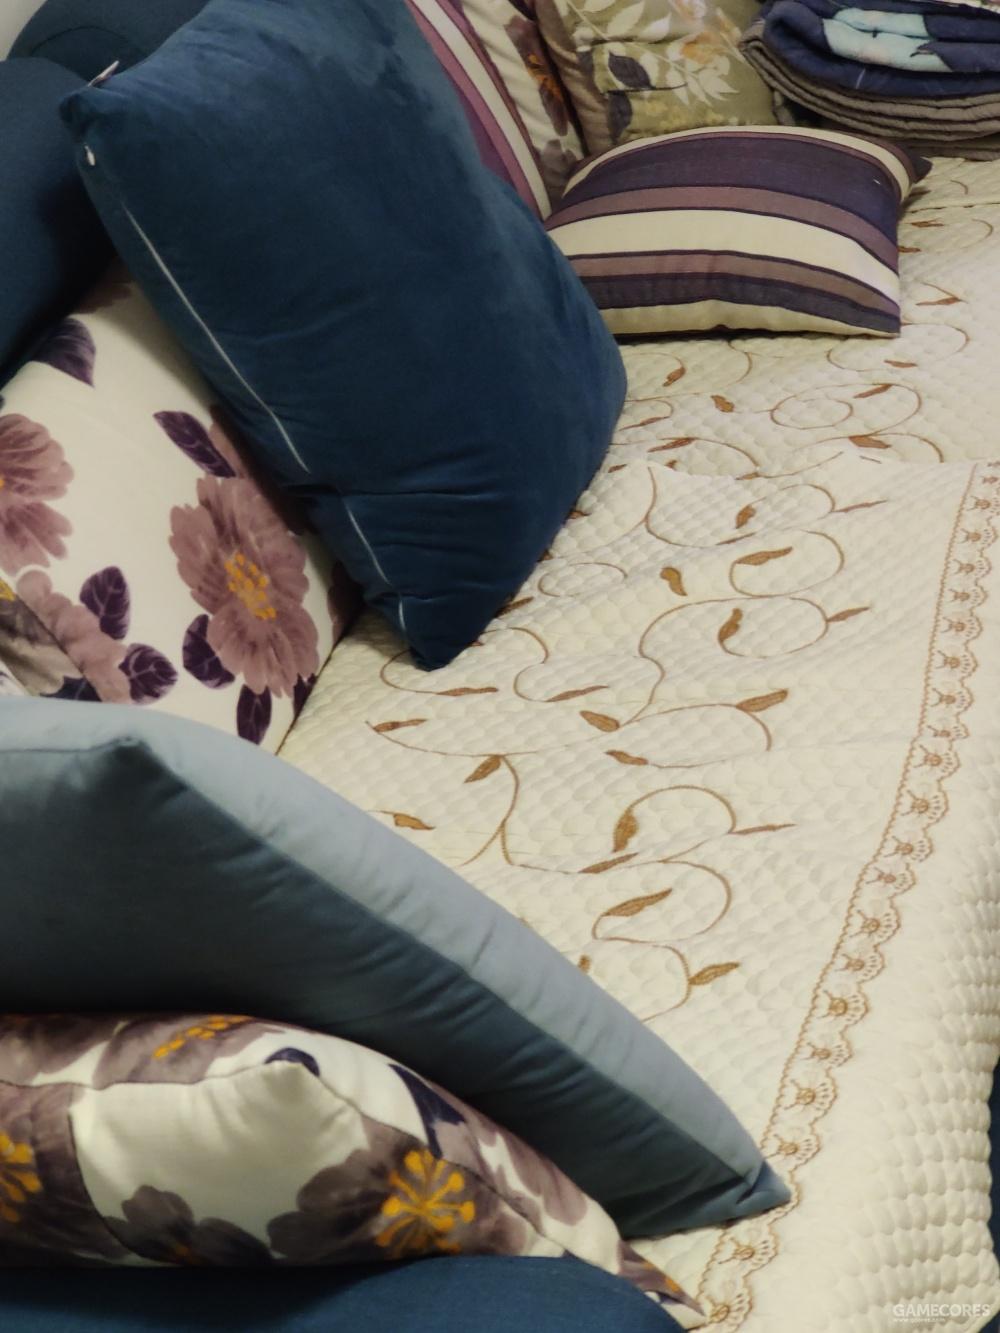 蘑菇派曾奋笔疾书的沙发